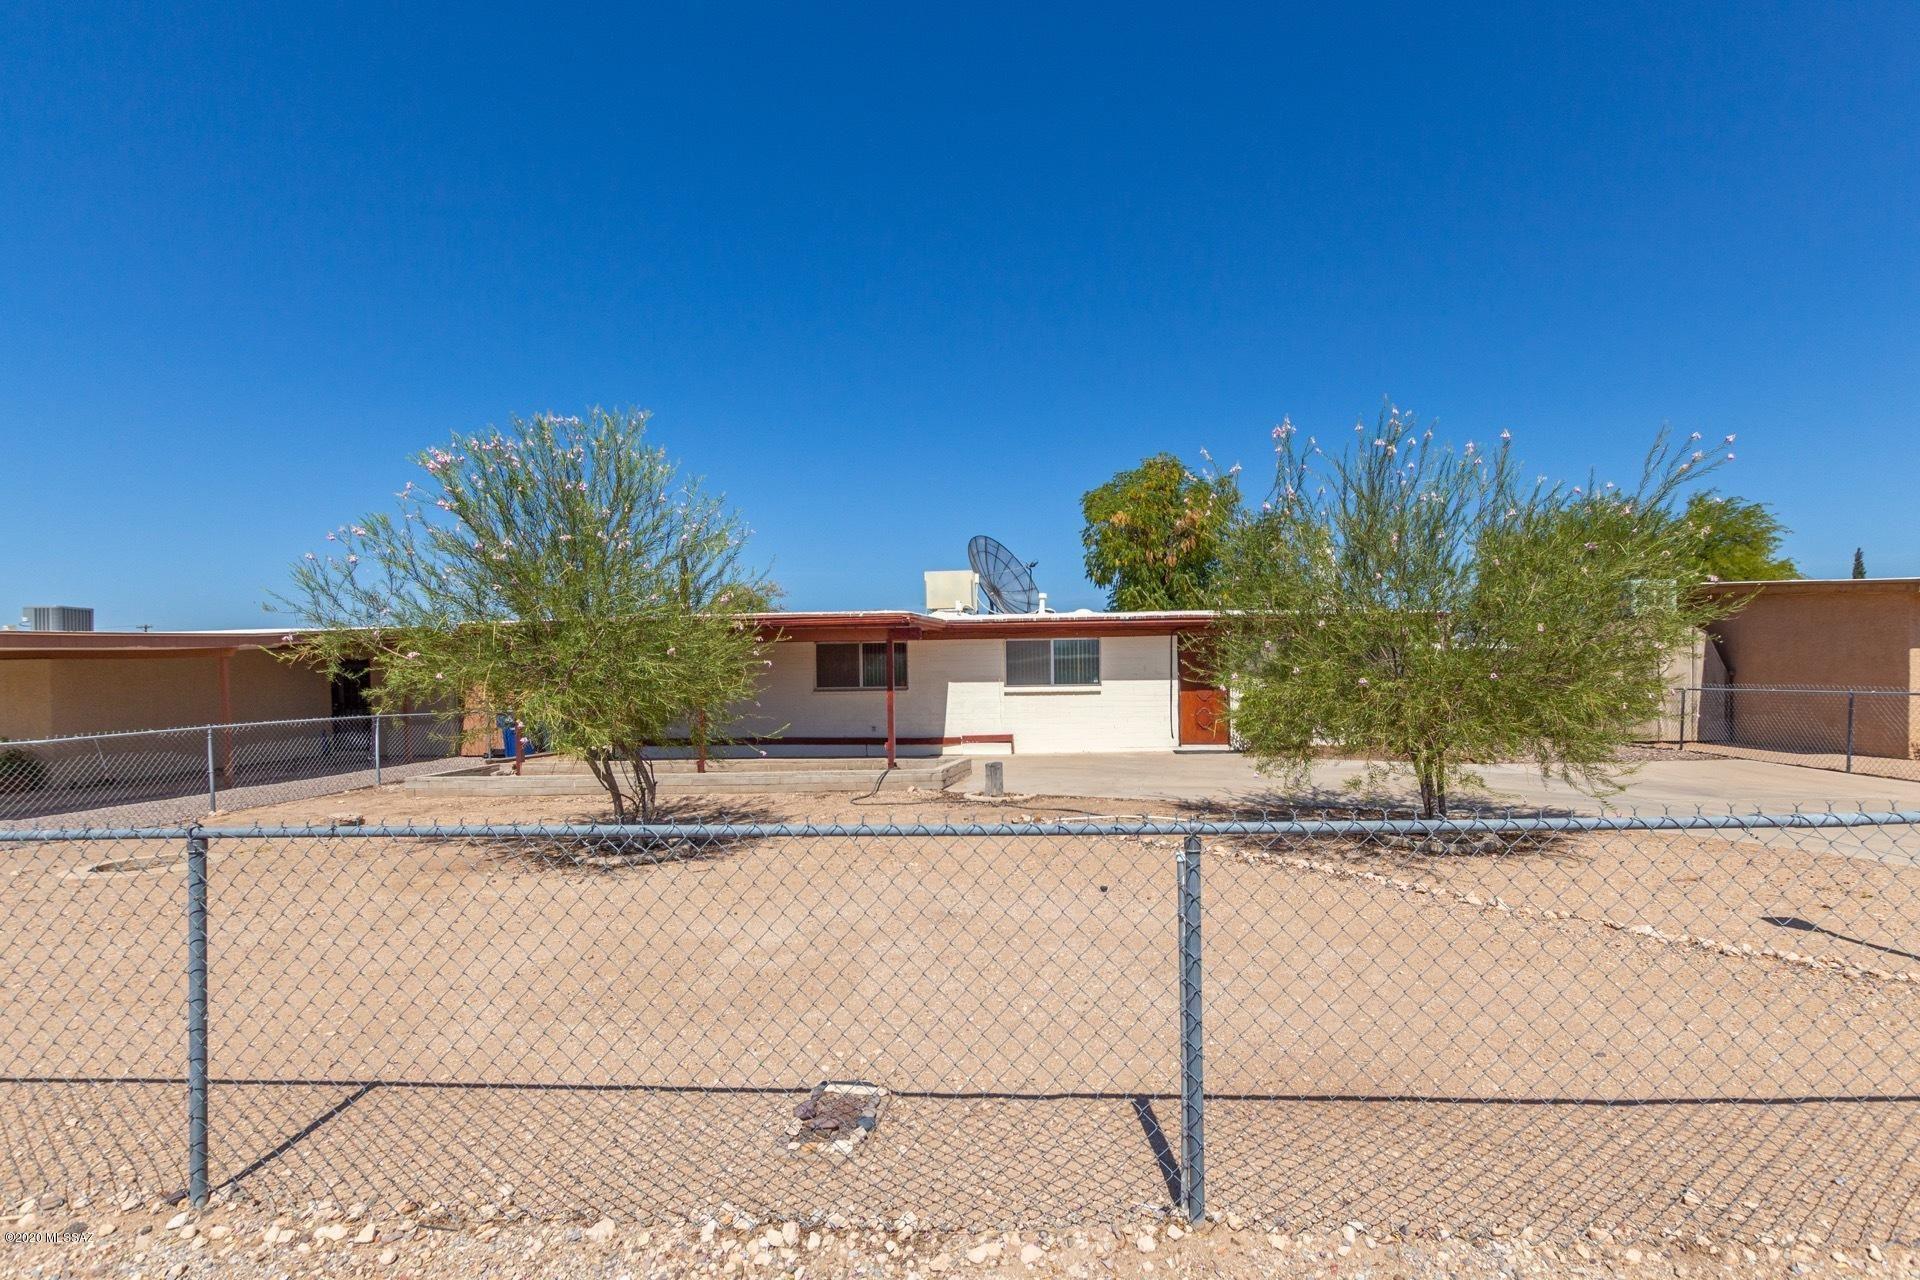 1711 E Holladay Street, Tucson, AZ 85706 - #: 22024389